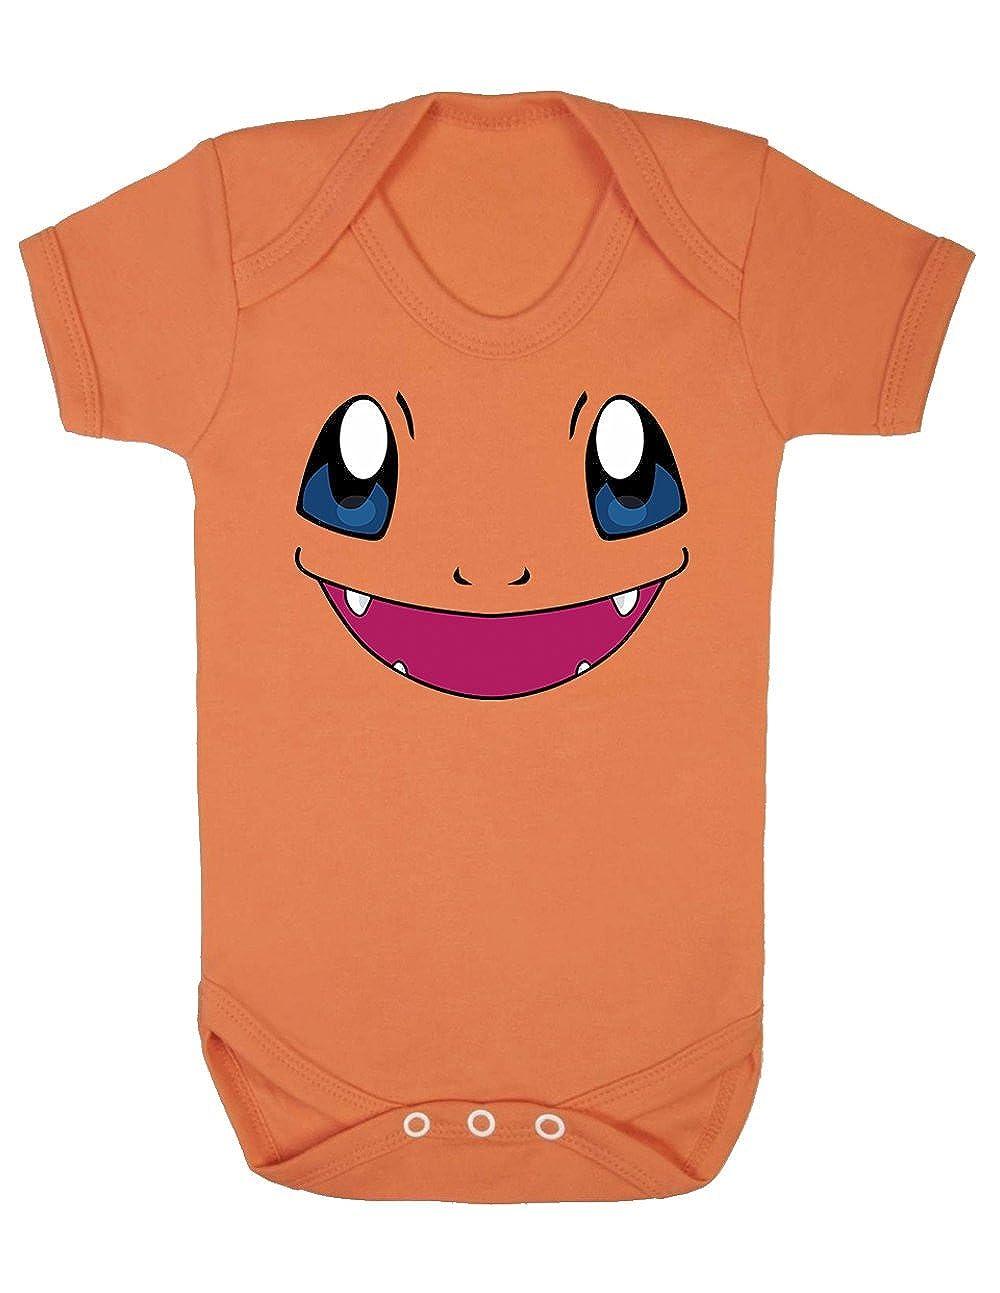 SMARTYPANTS Charmander Pokemon face Inspired Cute Short Sleeved Vest Babygrow Bodysuit